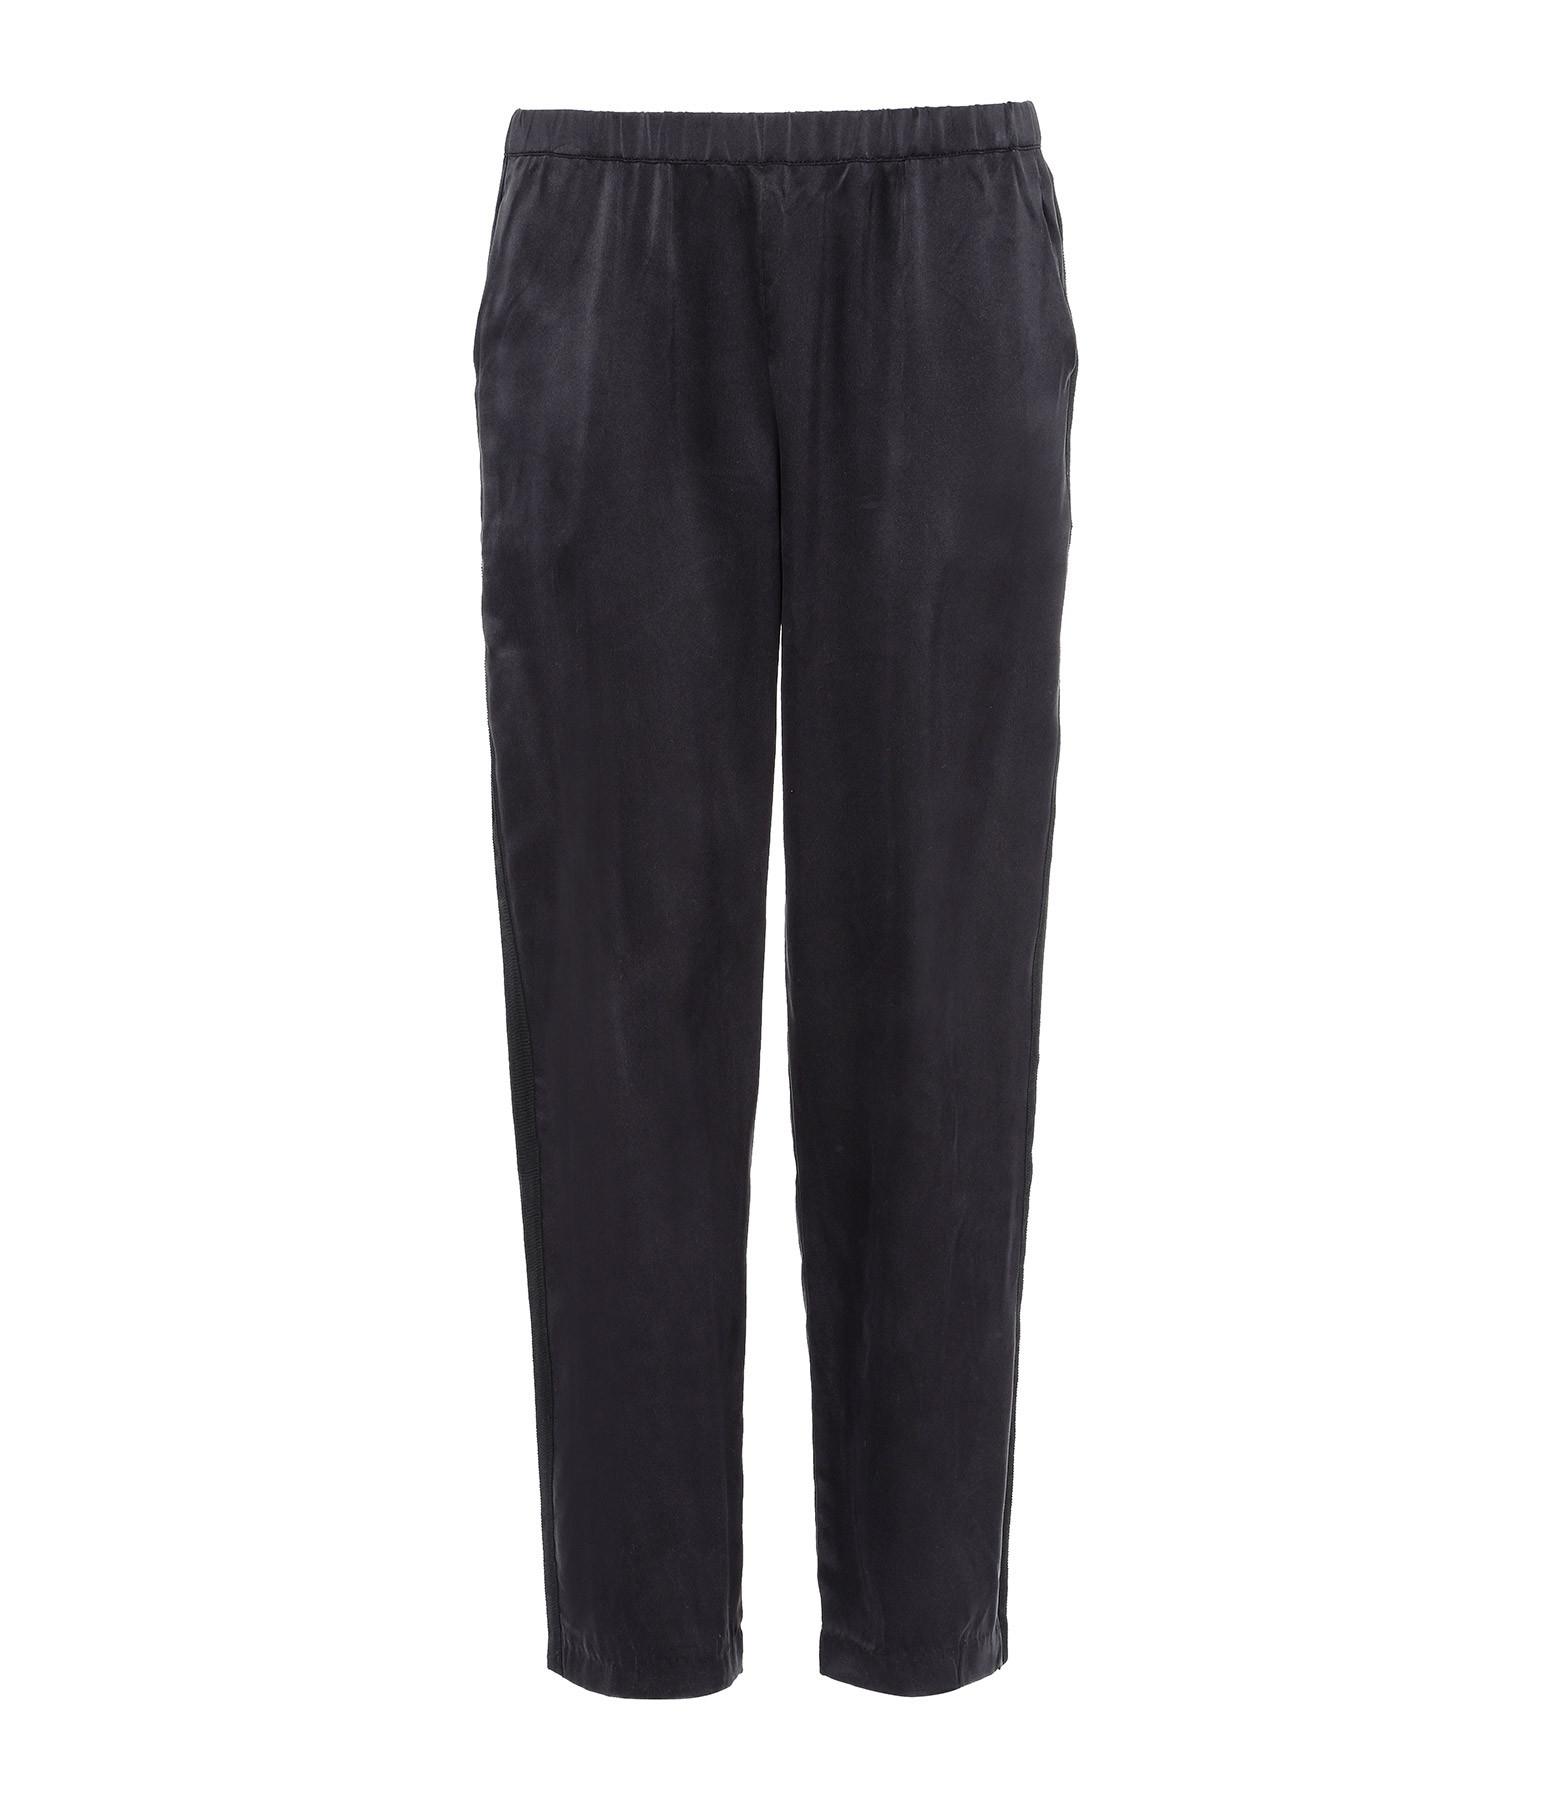 MAJESTIC FILATURES - Pantalon Soie Noir